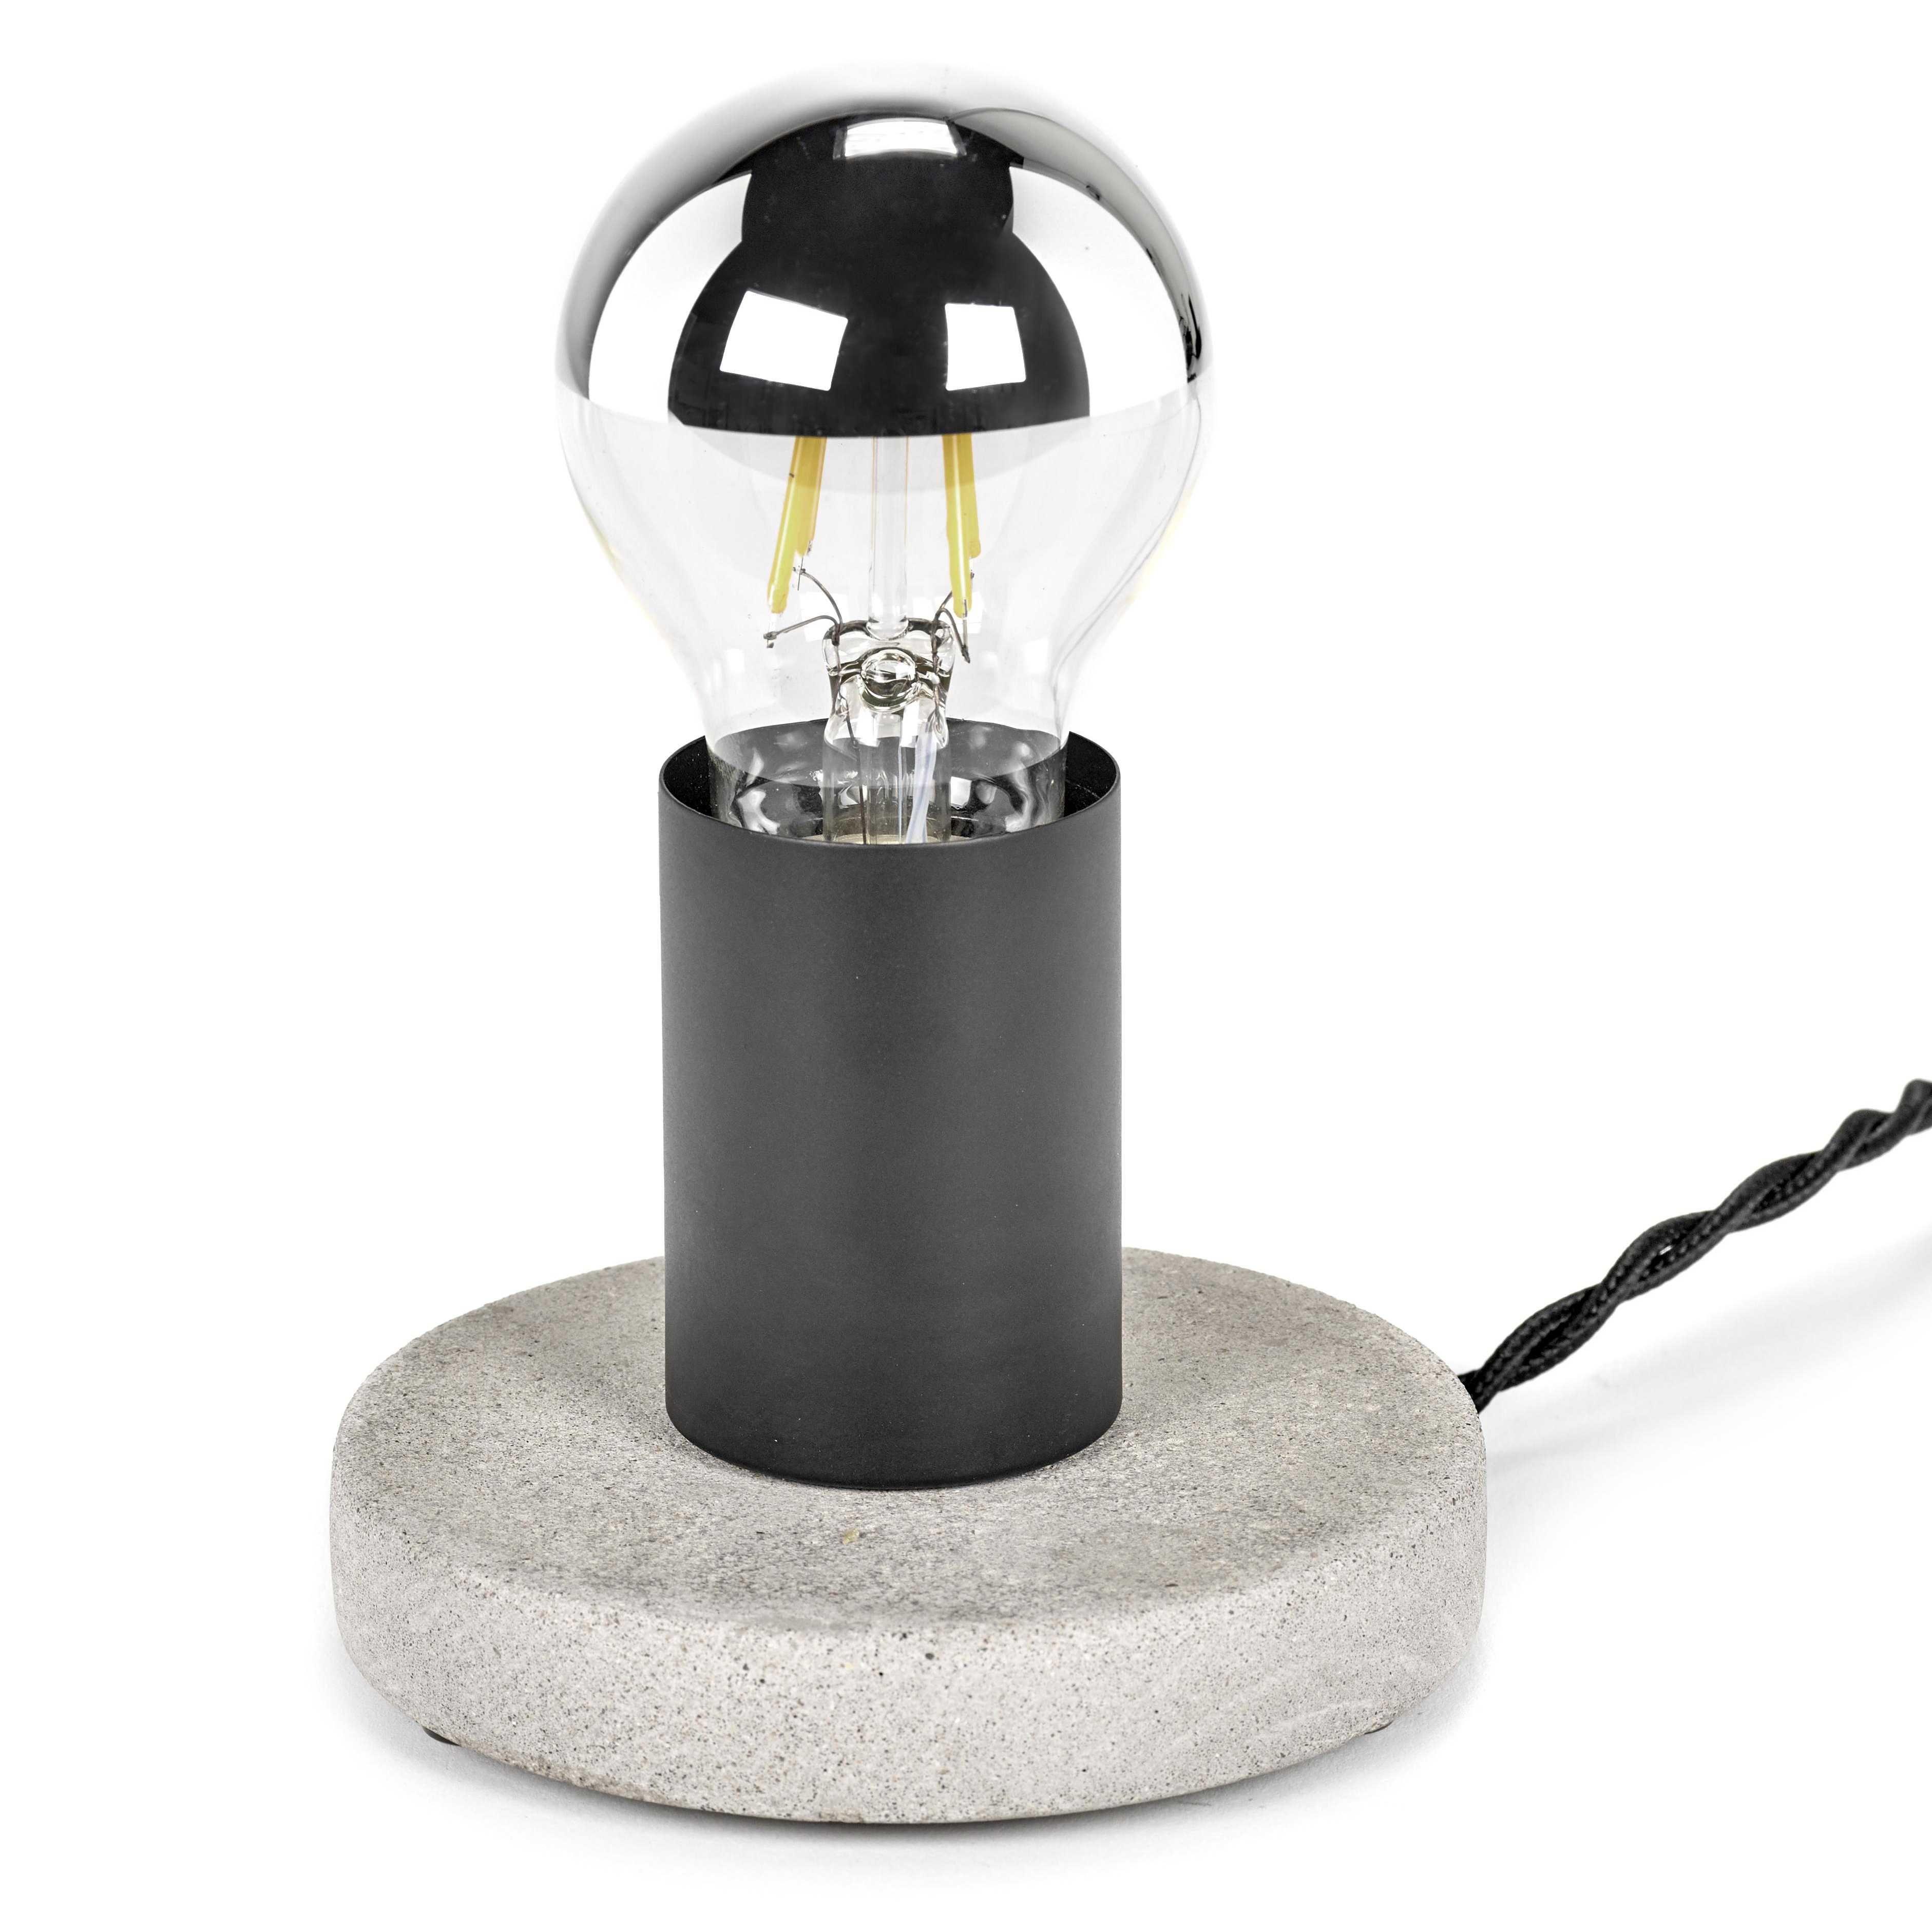 Serax 19 Tafellamp Beton